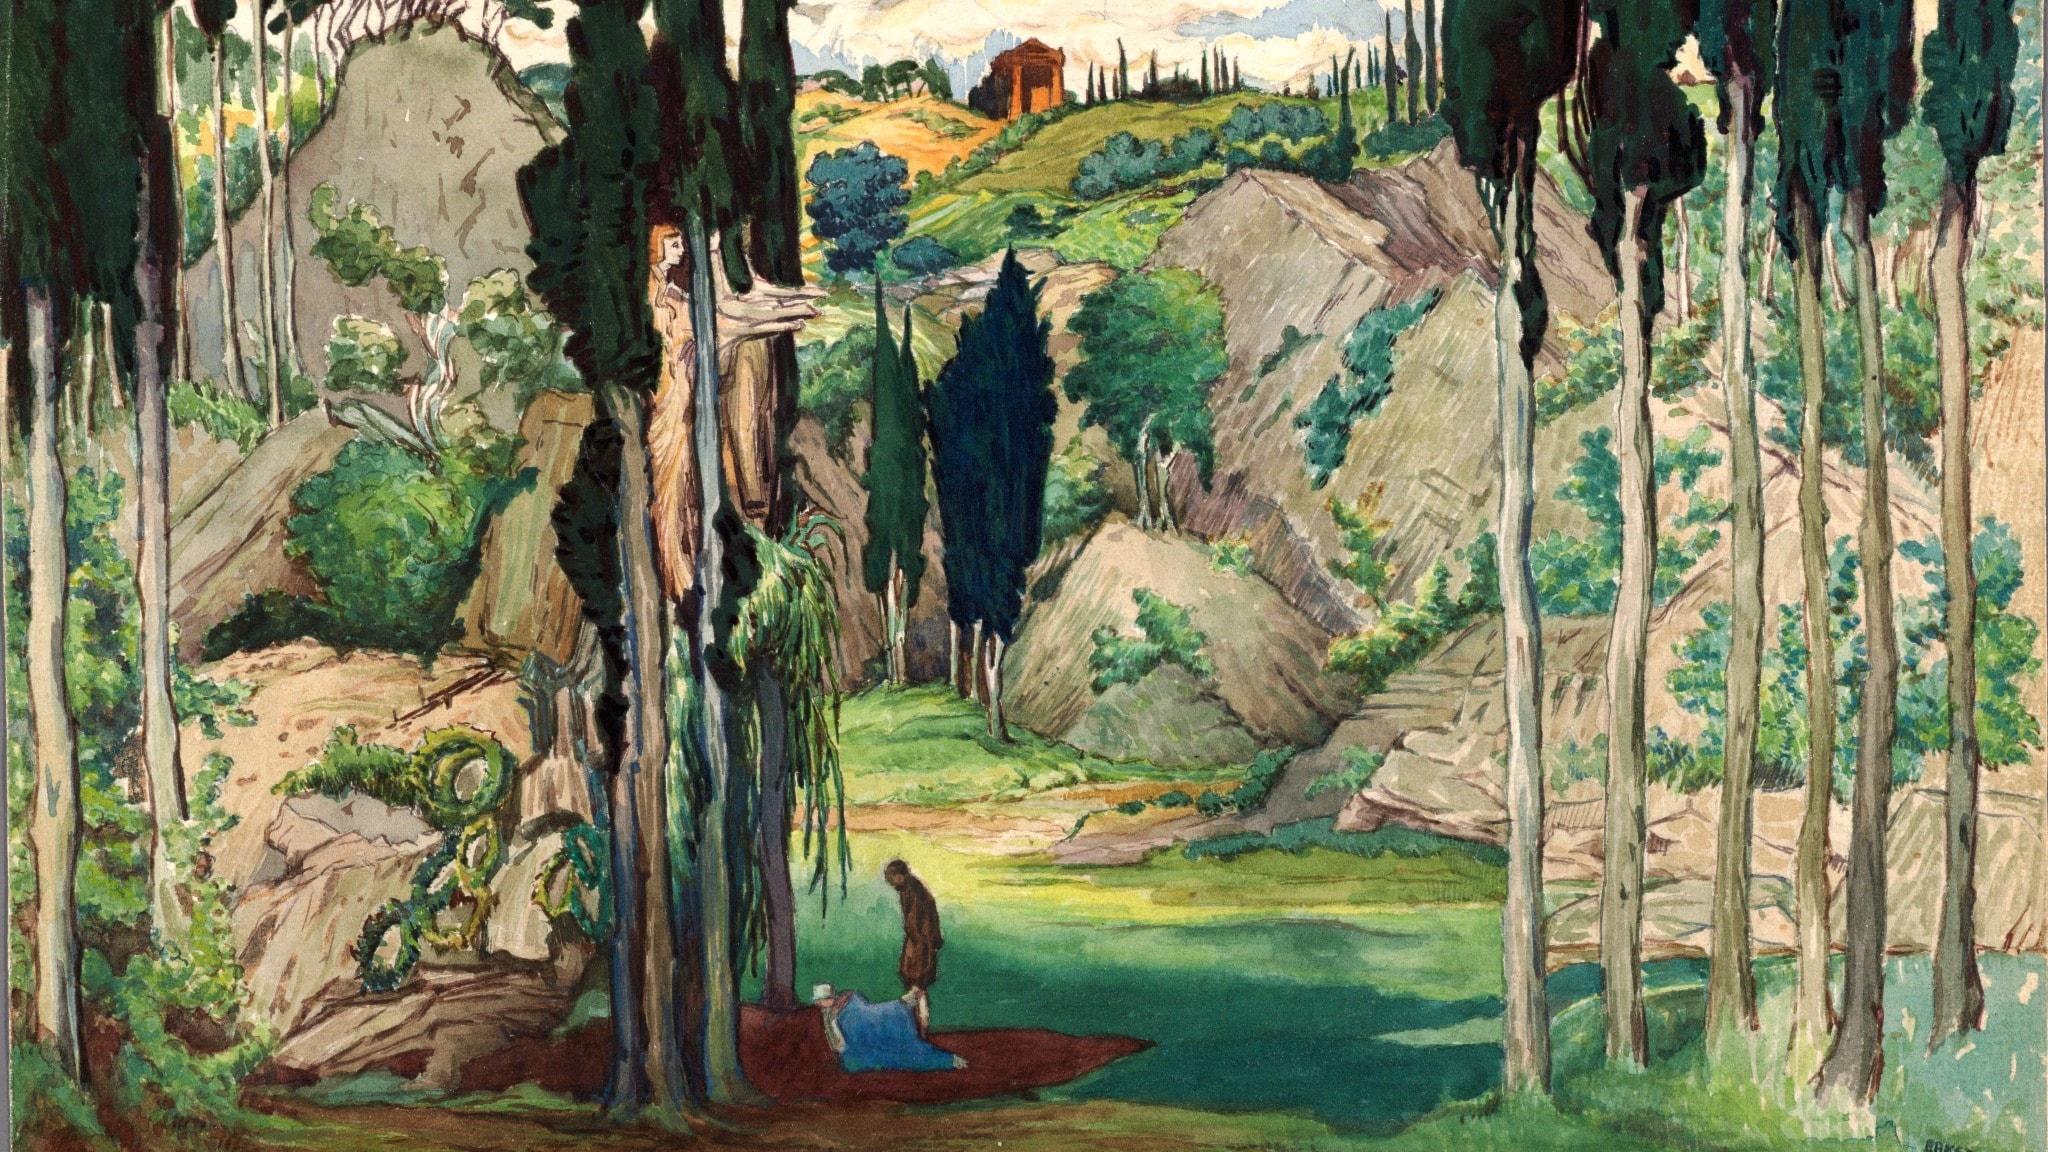 Dafnis och Chloe: Scenografi (Akt 1) av Leon Bakst. 1912.